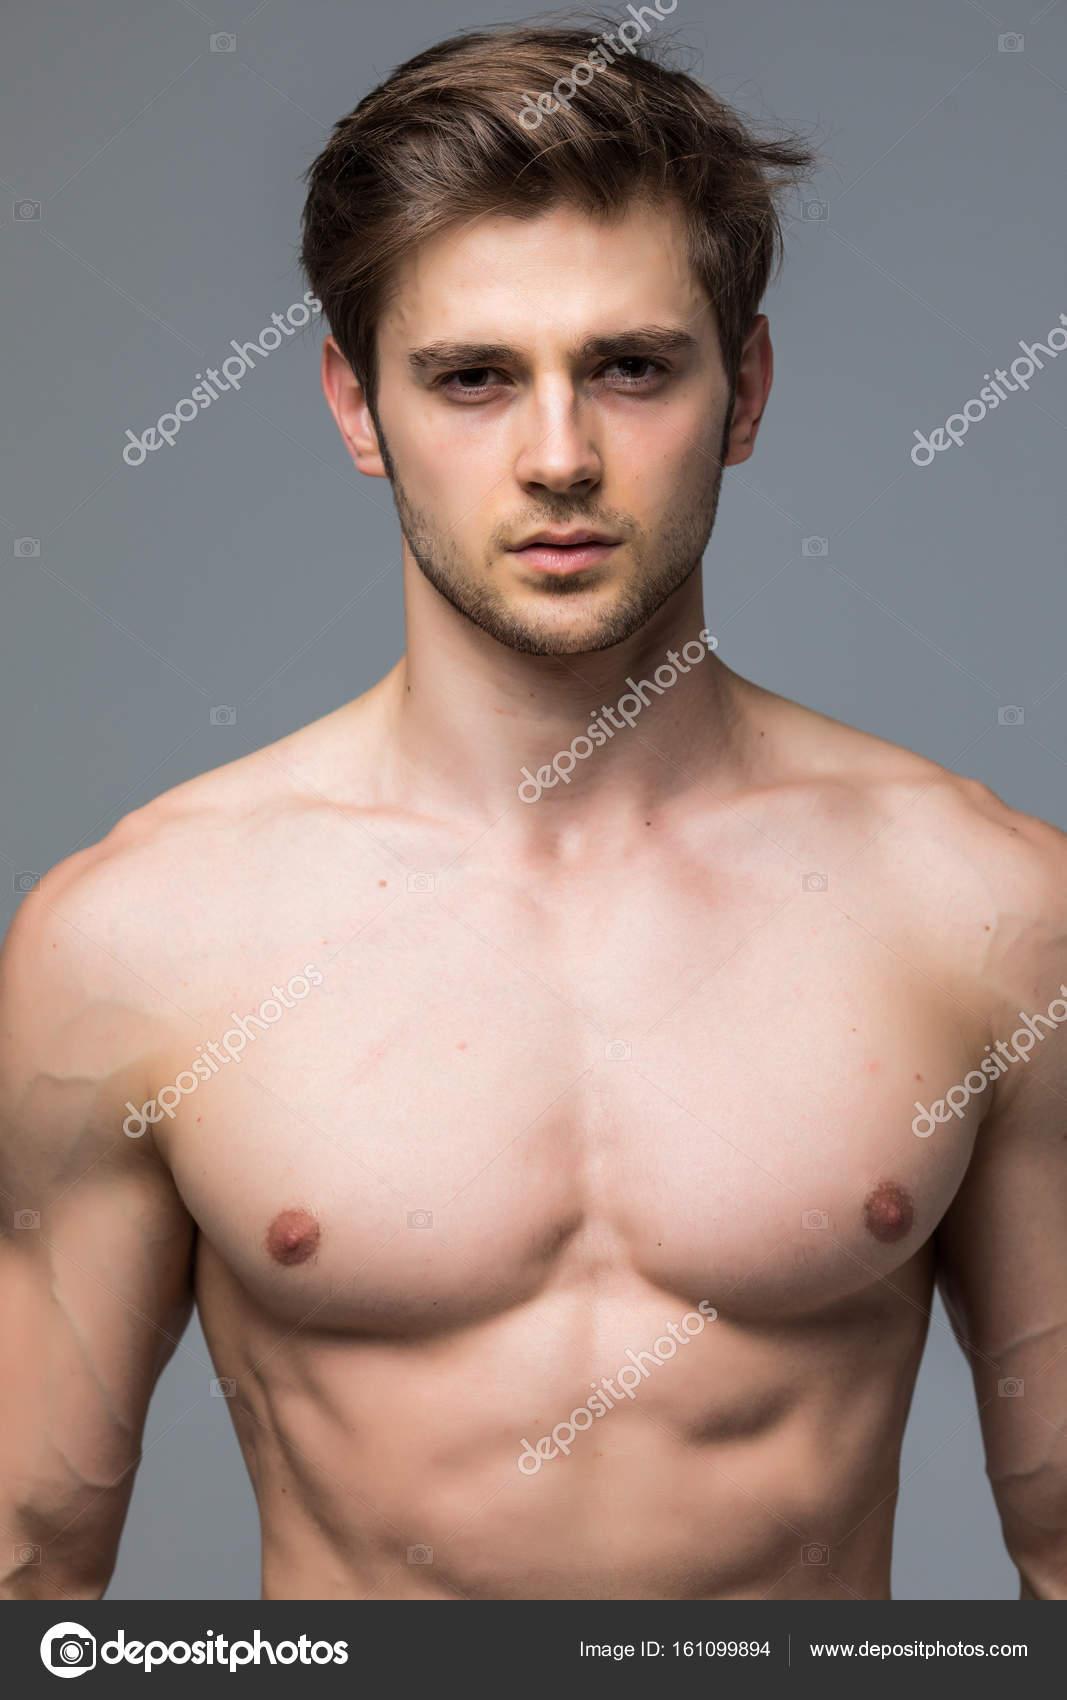 γυμνό γκριζάλ καλύτερο γκέι σεξ βίντεο